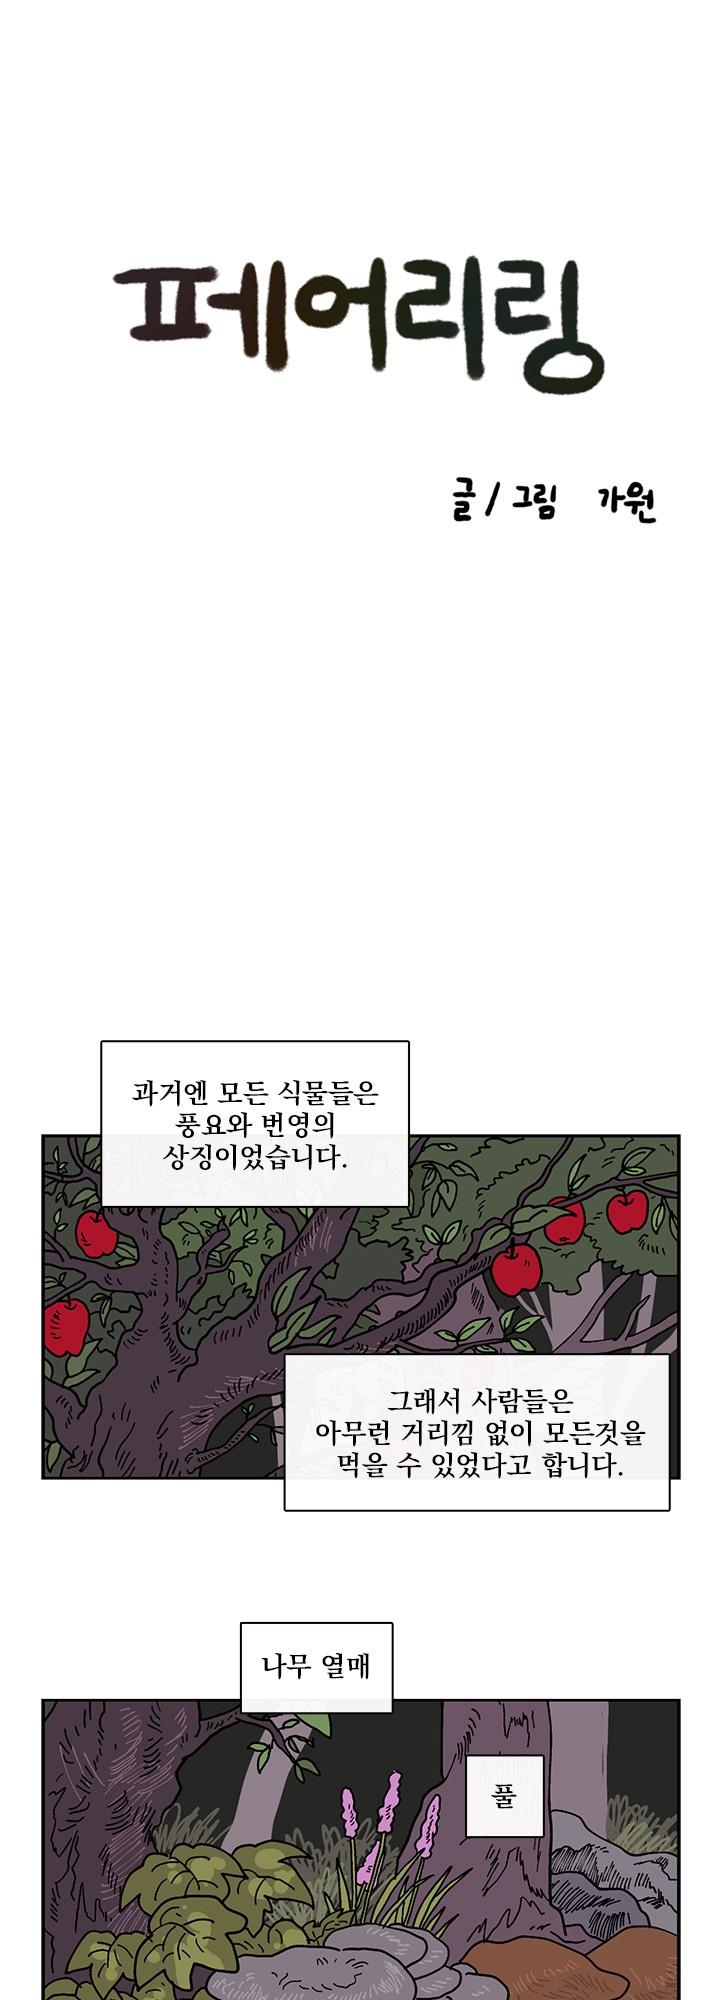 1 번째 이미지